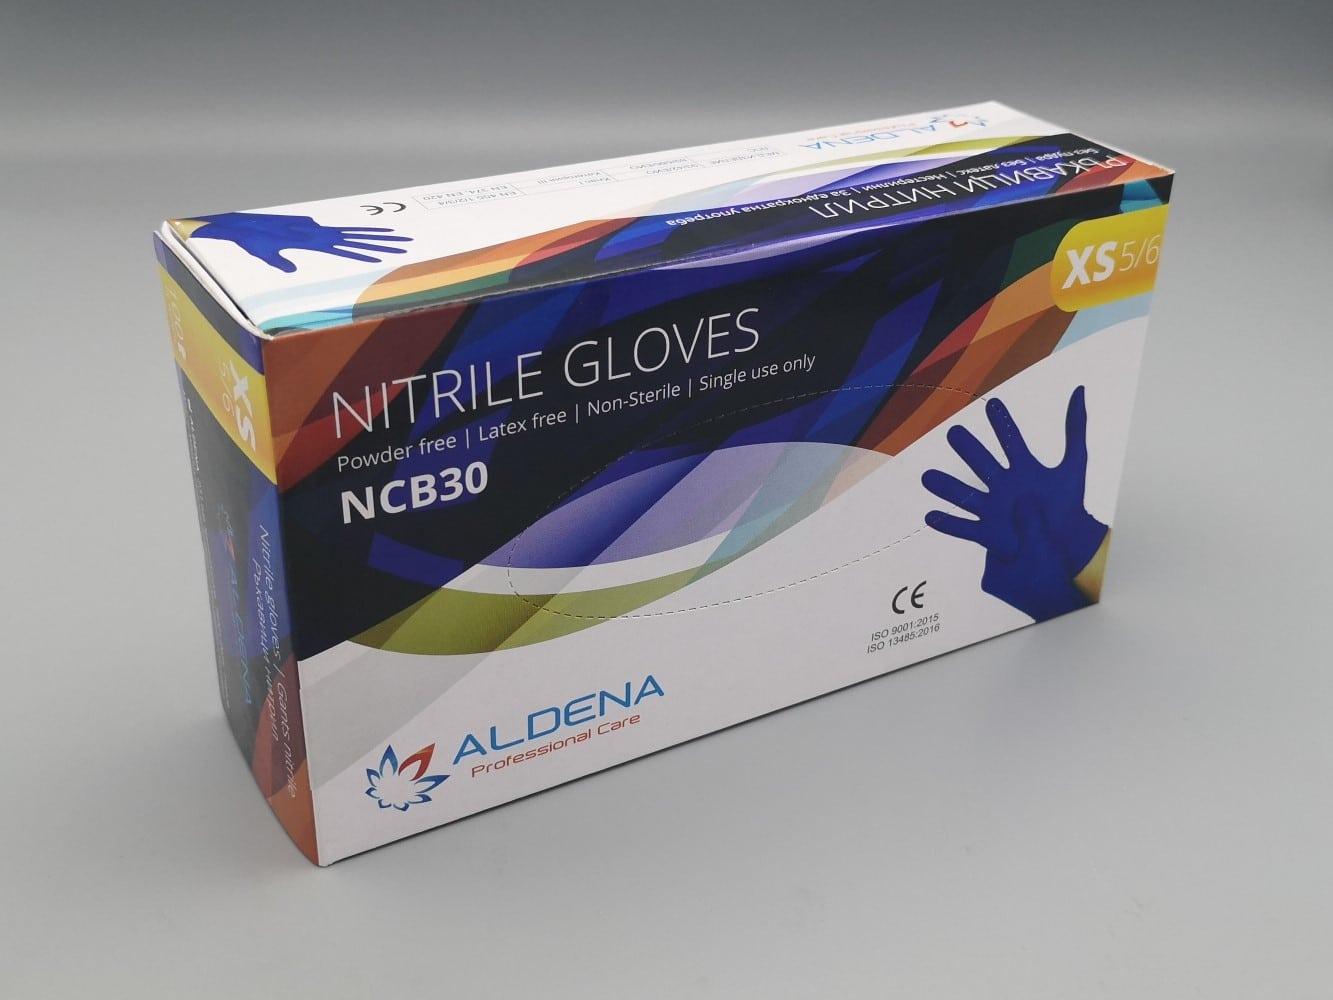 Gants Nitrile ALDENA Bleus non poudrés boîte de 100 pièces